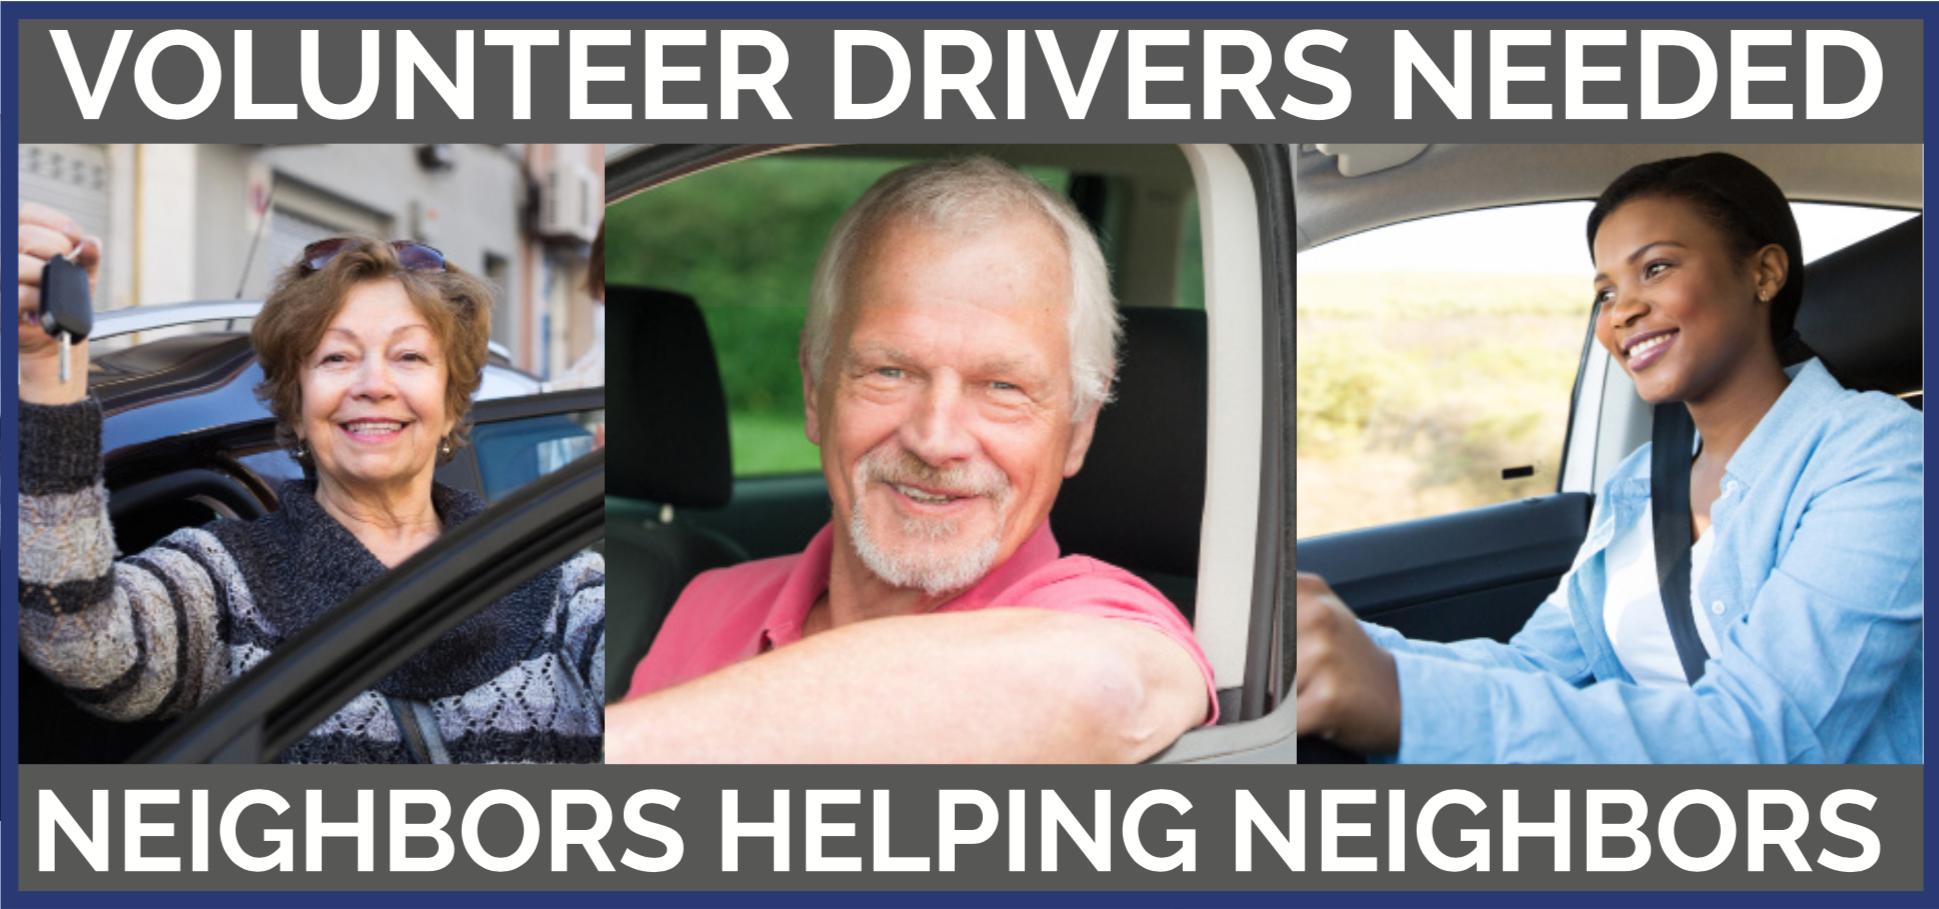 Volunteer Drivers Needed